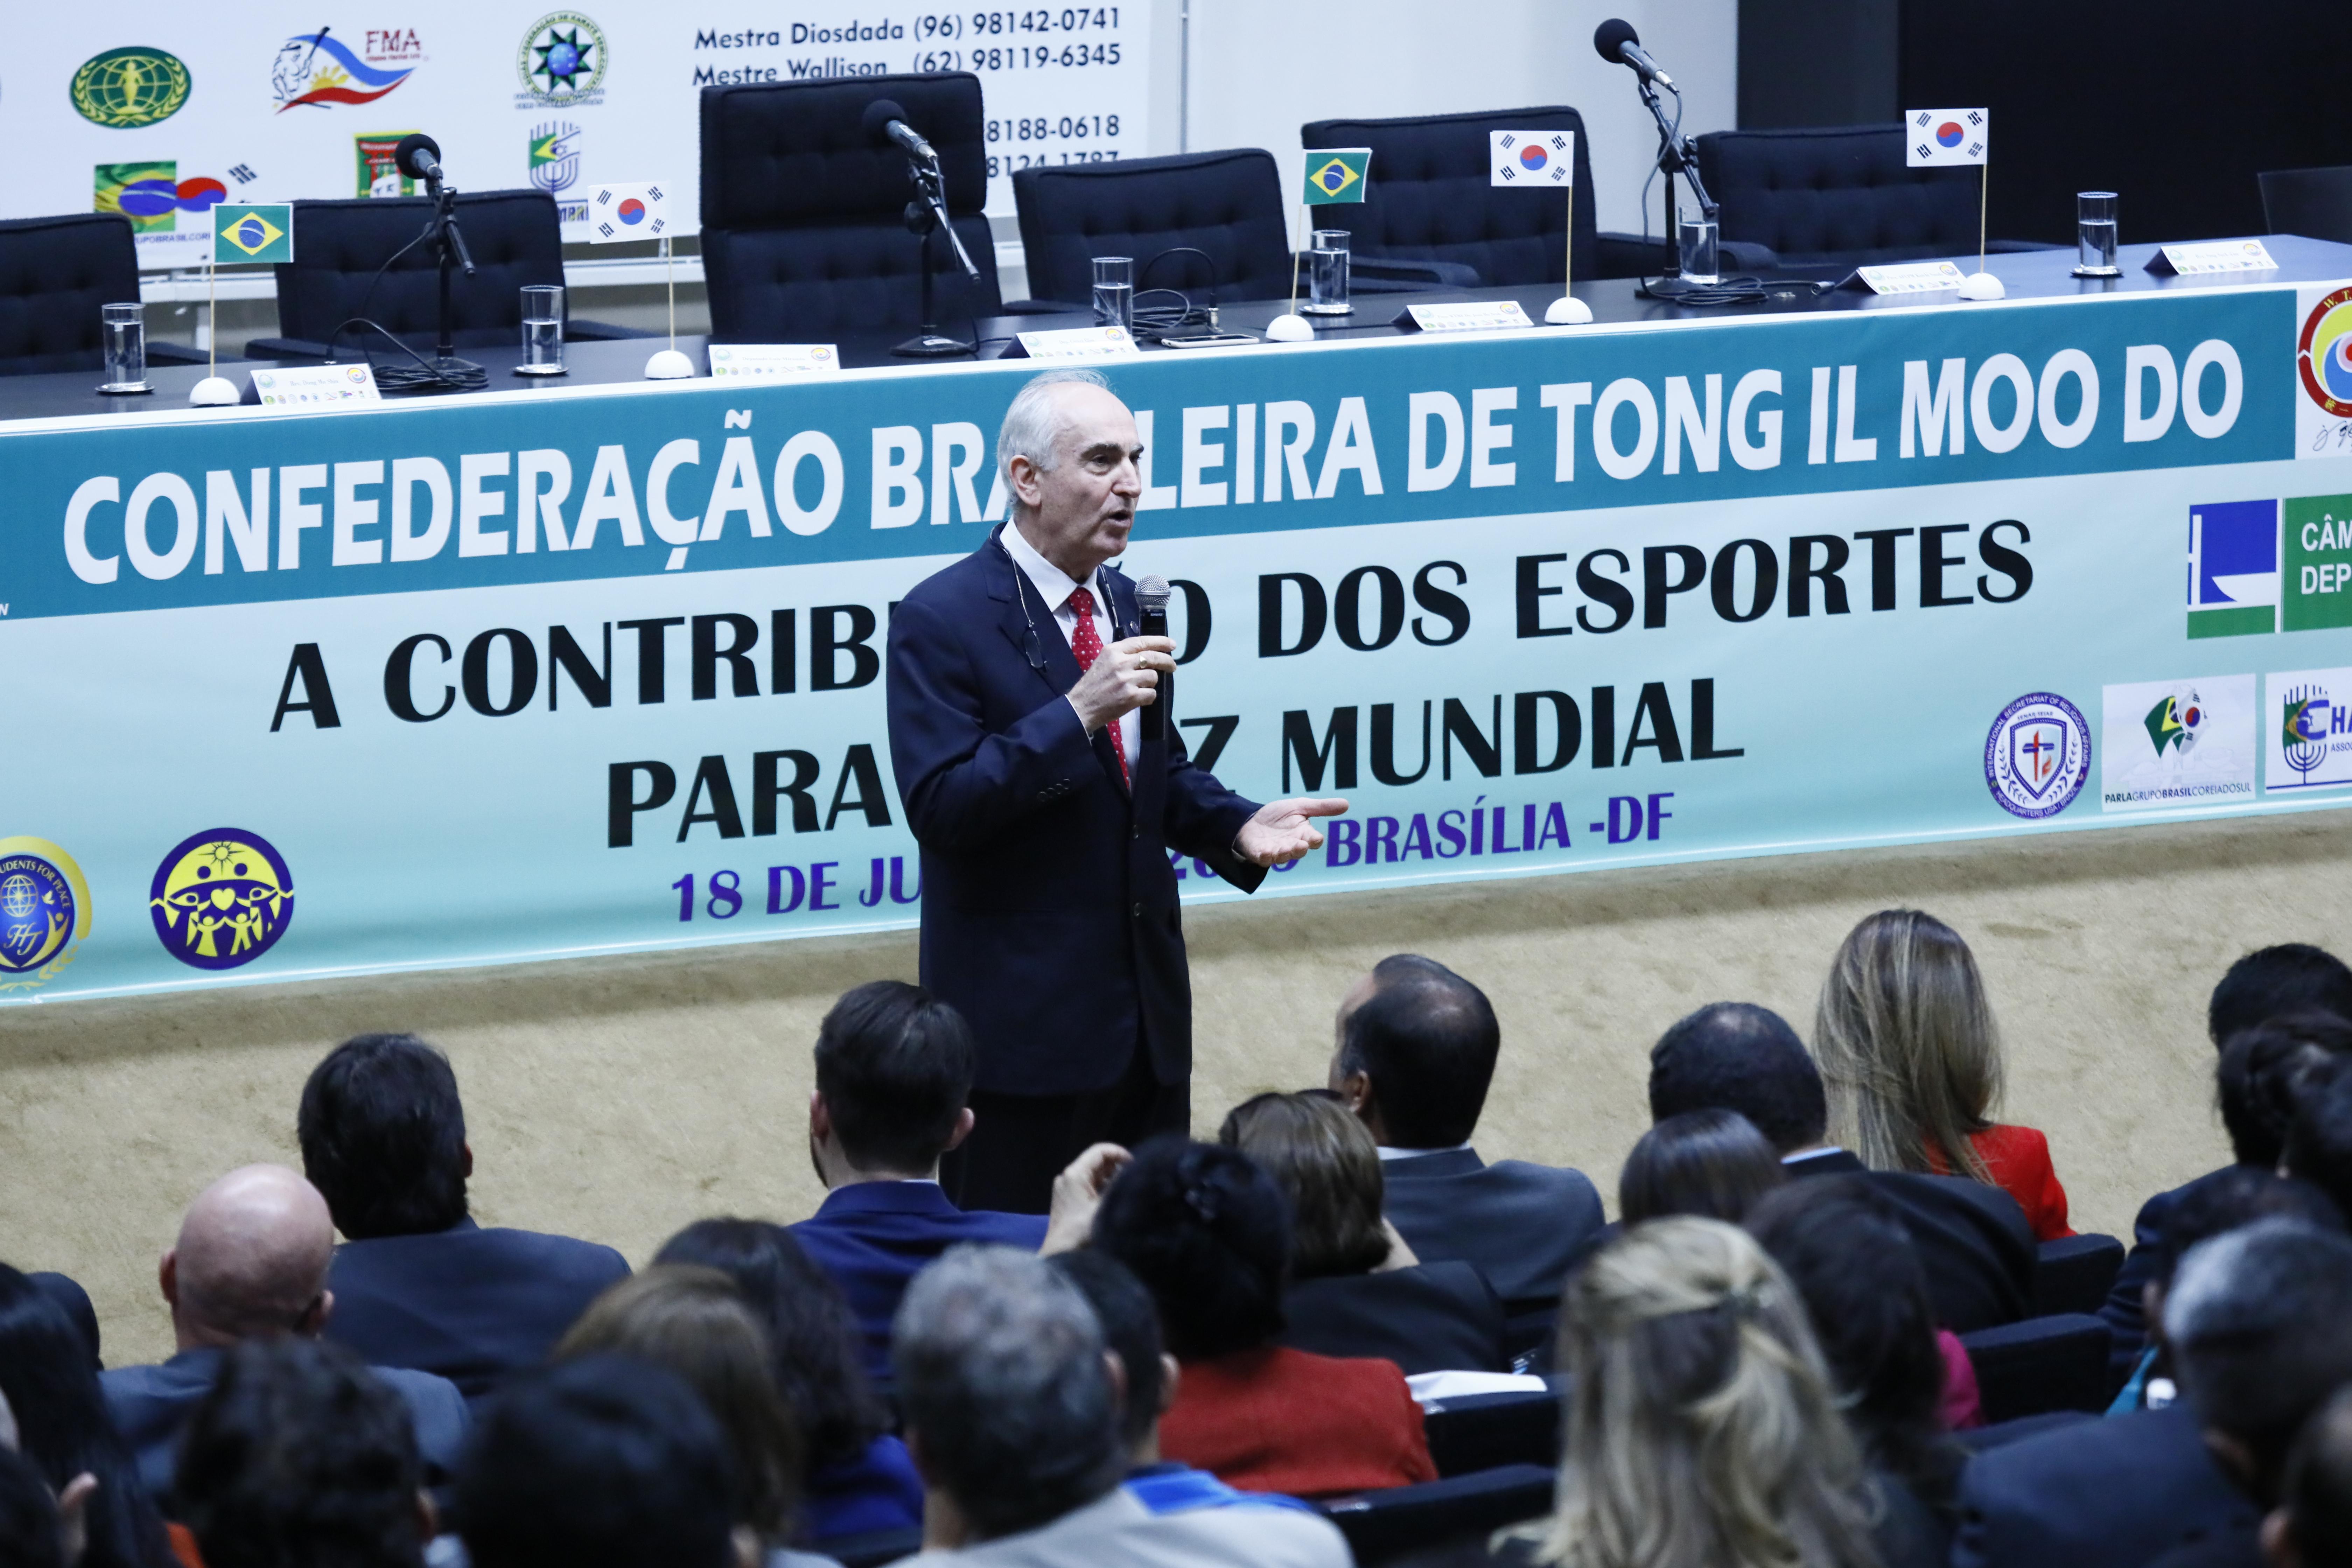 Seminário A Contribuição dos Esportes para Paz Mundial. Dr. Neudir Simão Ferrabolli presidente da UPF na América Latina